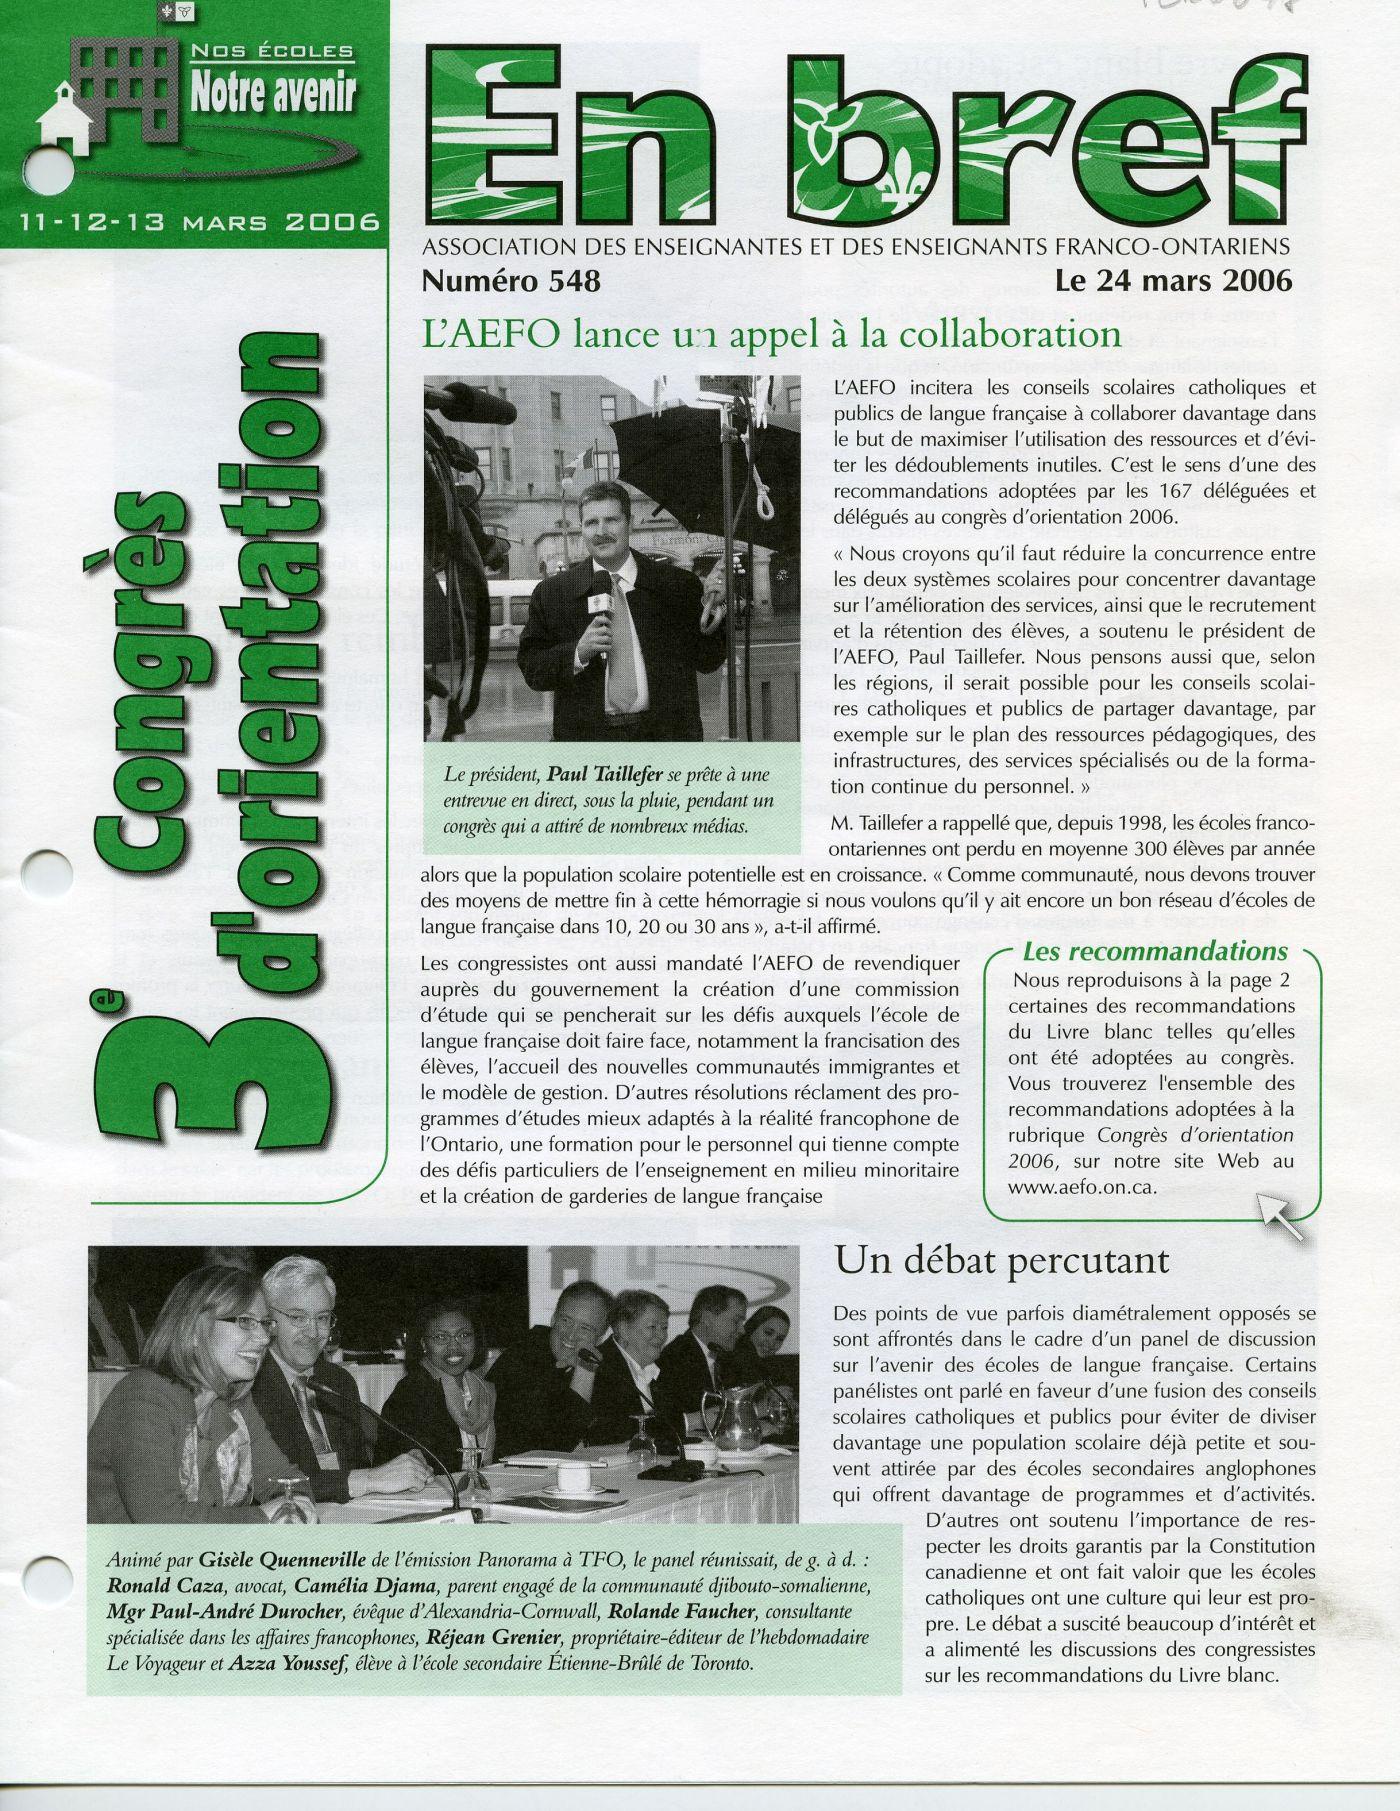 Photographie couleur de la première page d'un bulletin, incluant des textes et des photos. À gauche, à la verticale, l'objet principal du numéro, le « 3e congrès d'orientation », écrit en vert. La disposition est irrégulière pour capter l'attention du lecteur. Le document est imprimé, en français.